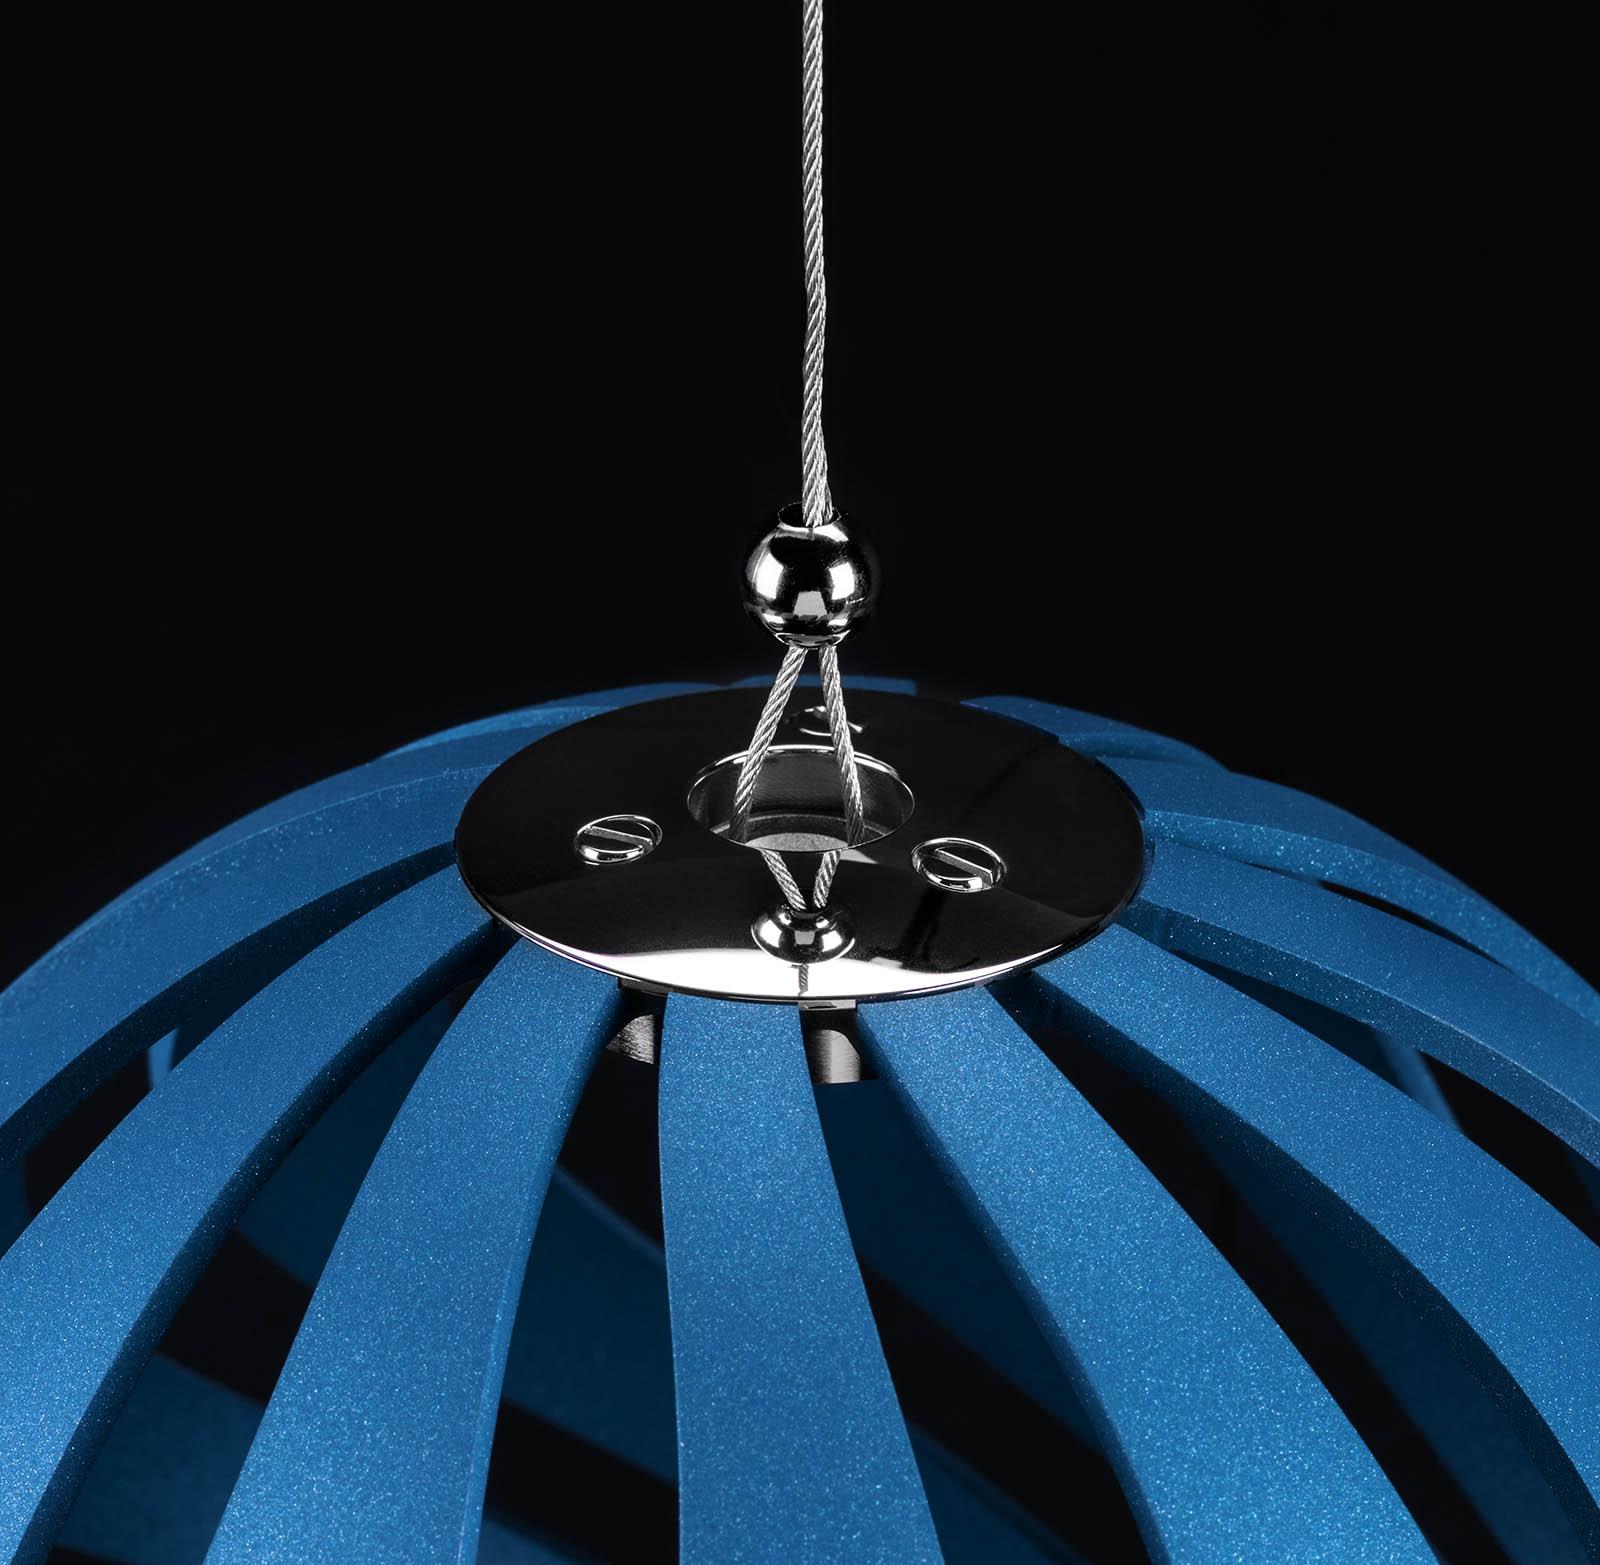 L'Epée-1839-Hot-Balloon-3.jpg